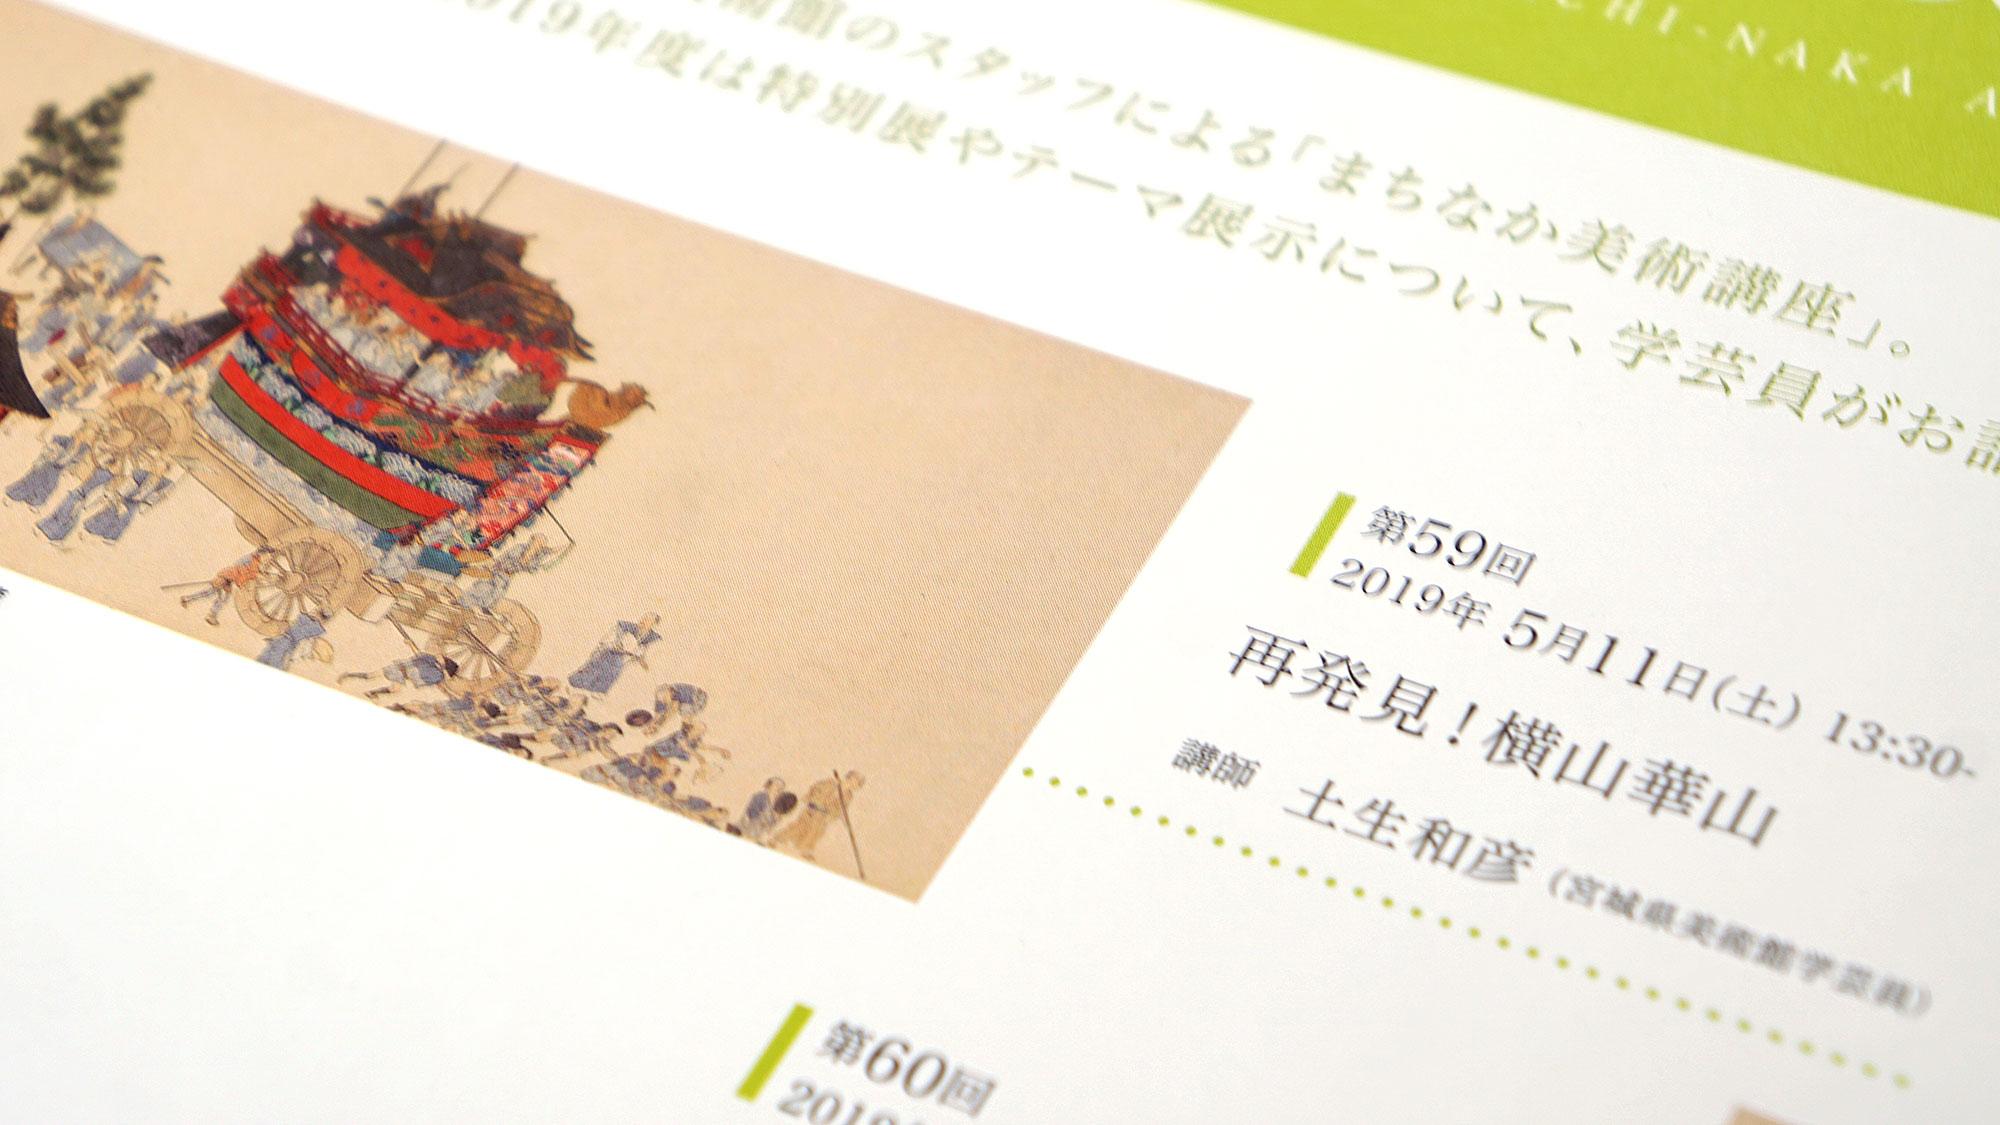 machinaka_art_lecture2019-02.jpg